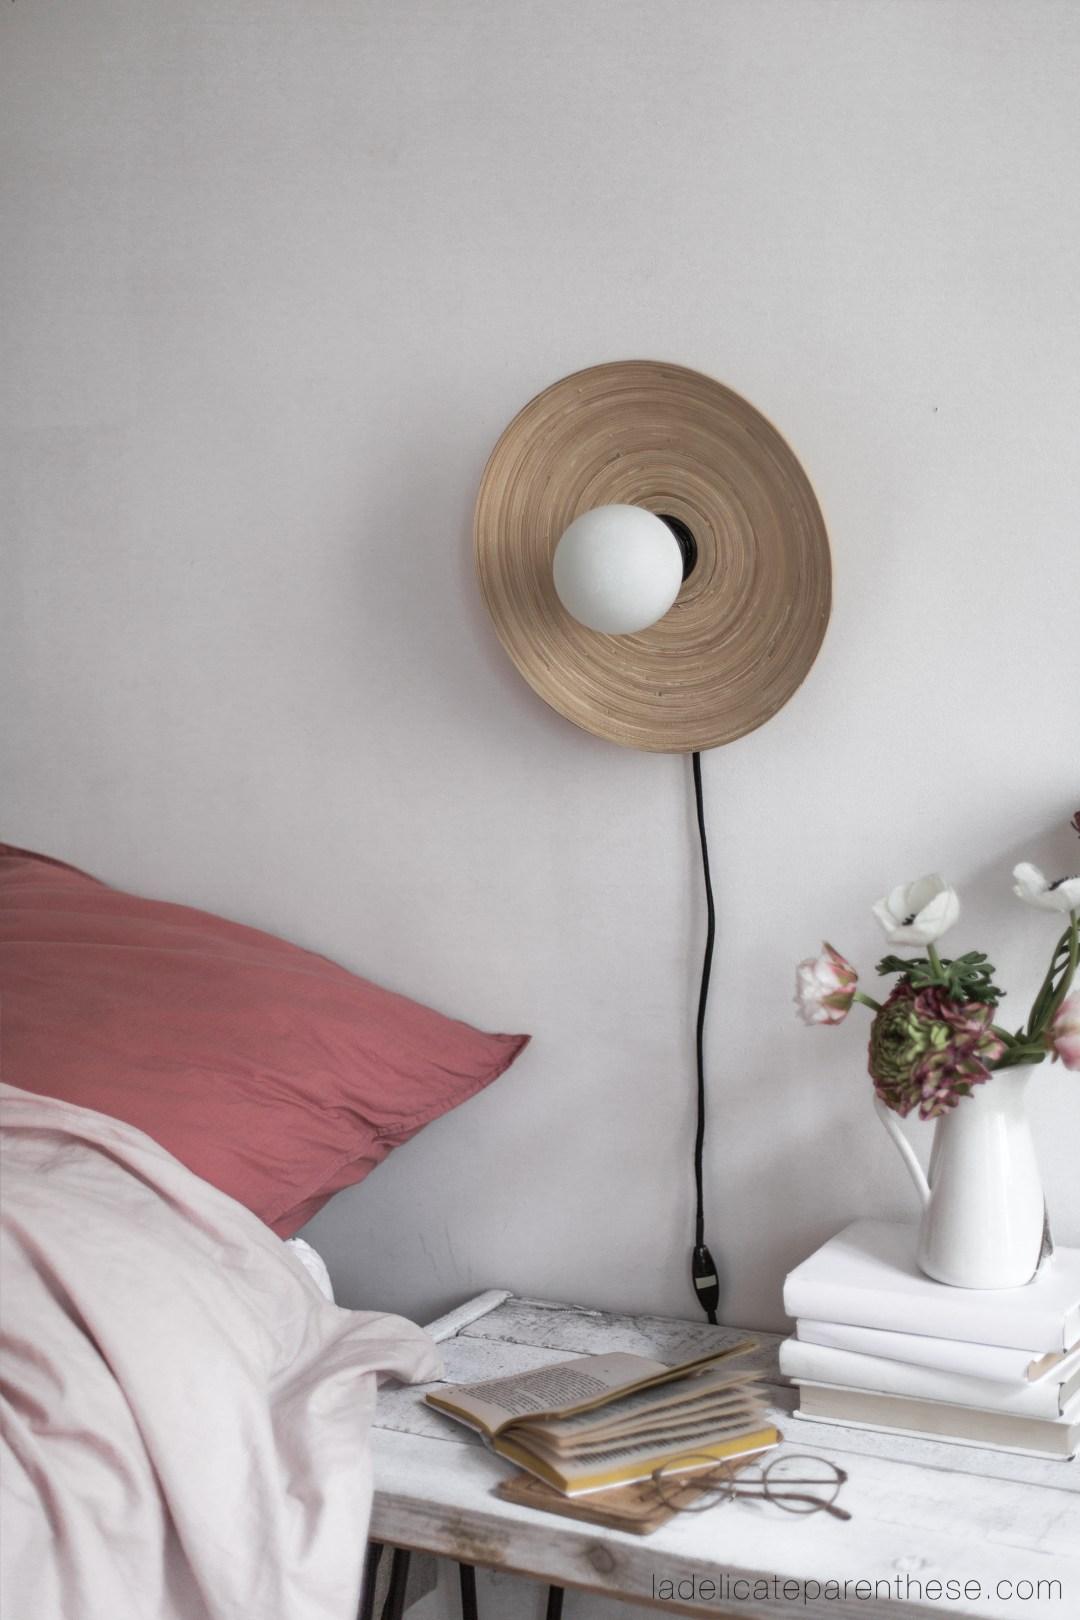 création Diy LAMPE avec assiette en bois détournement